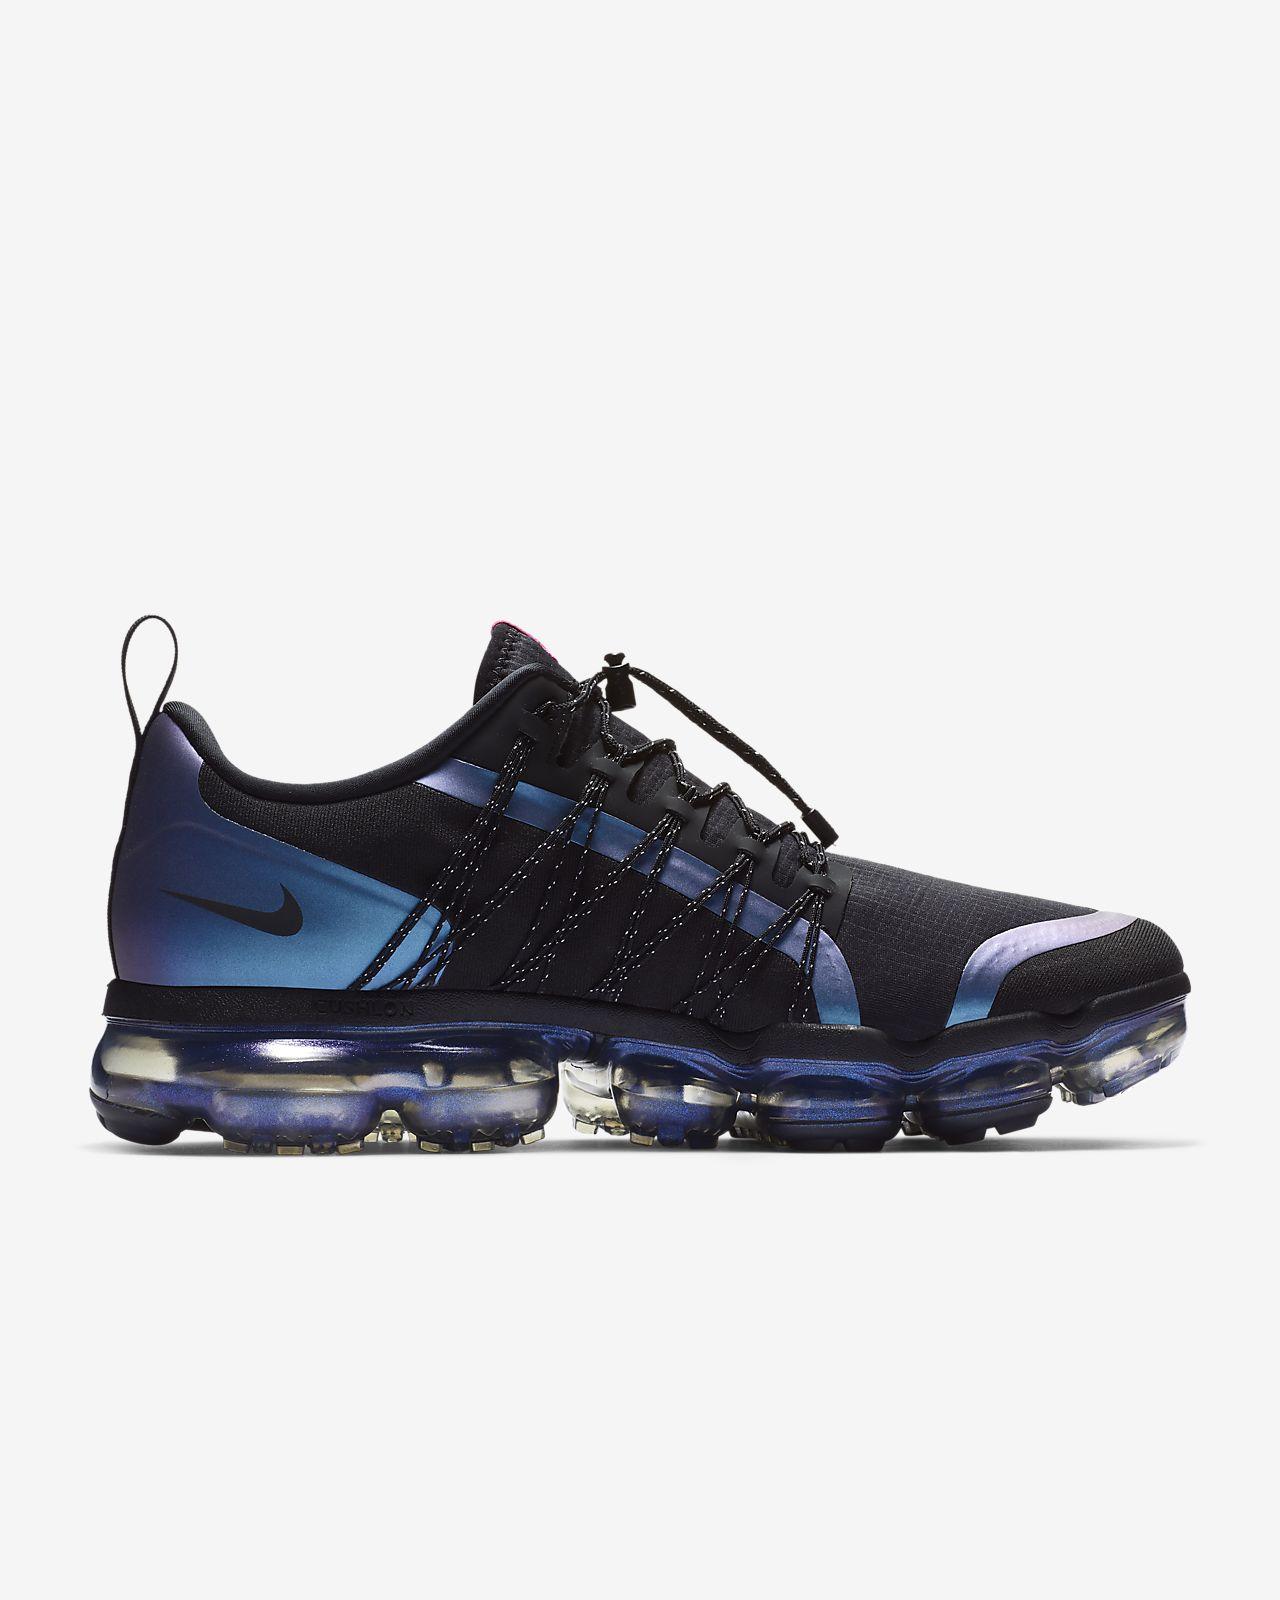 hot sale online 2fc7b 06d17 ... Chaussure Nike Air VaporMax Utility pour Homme